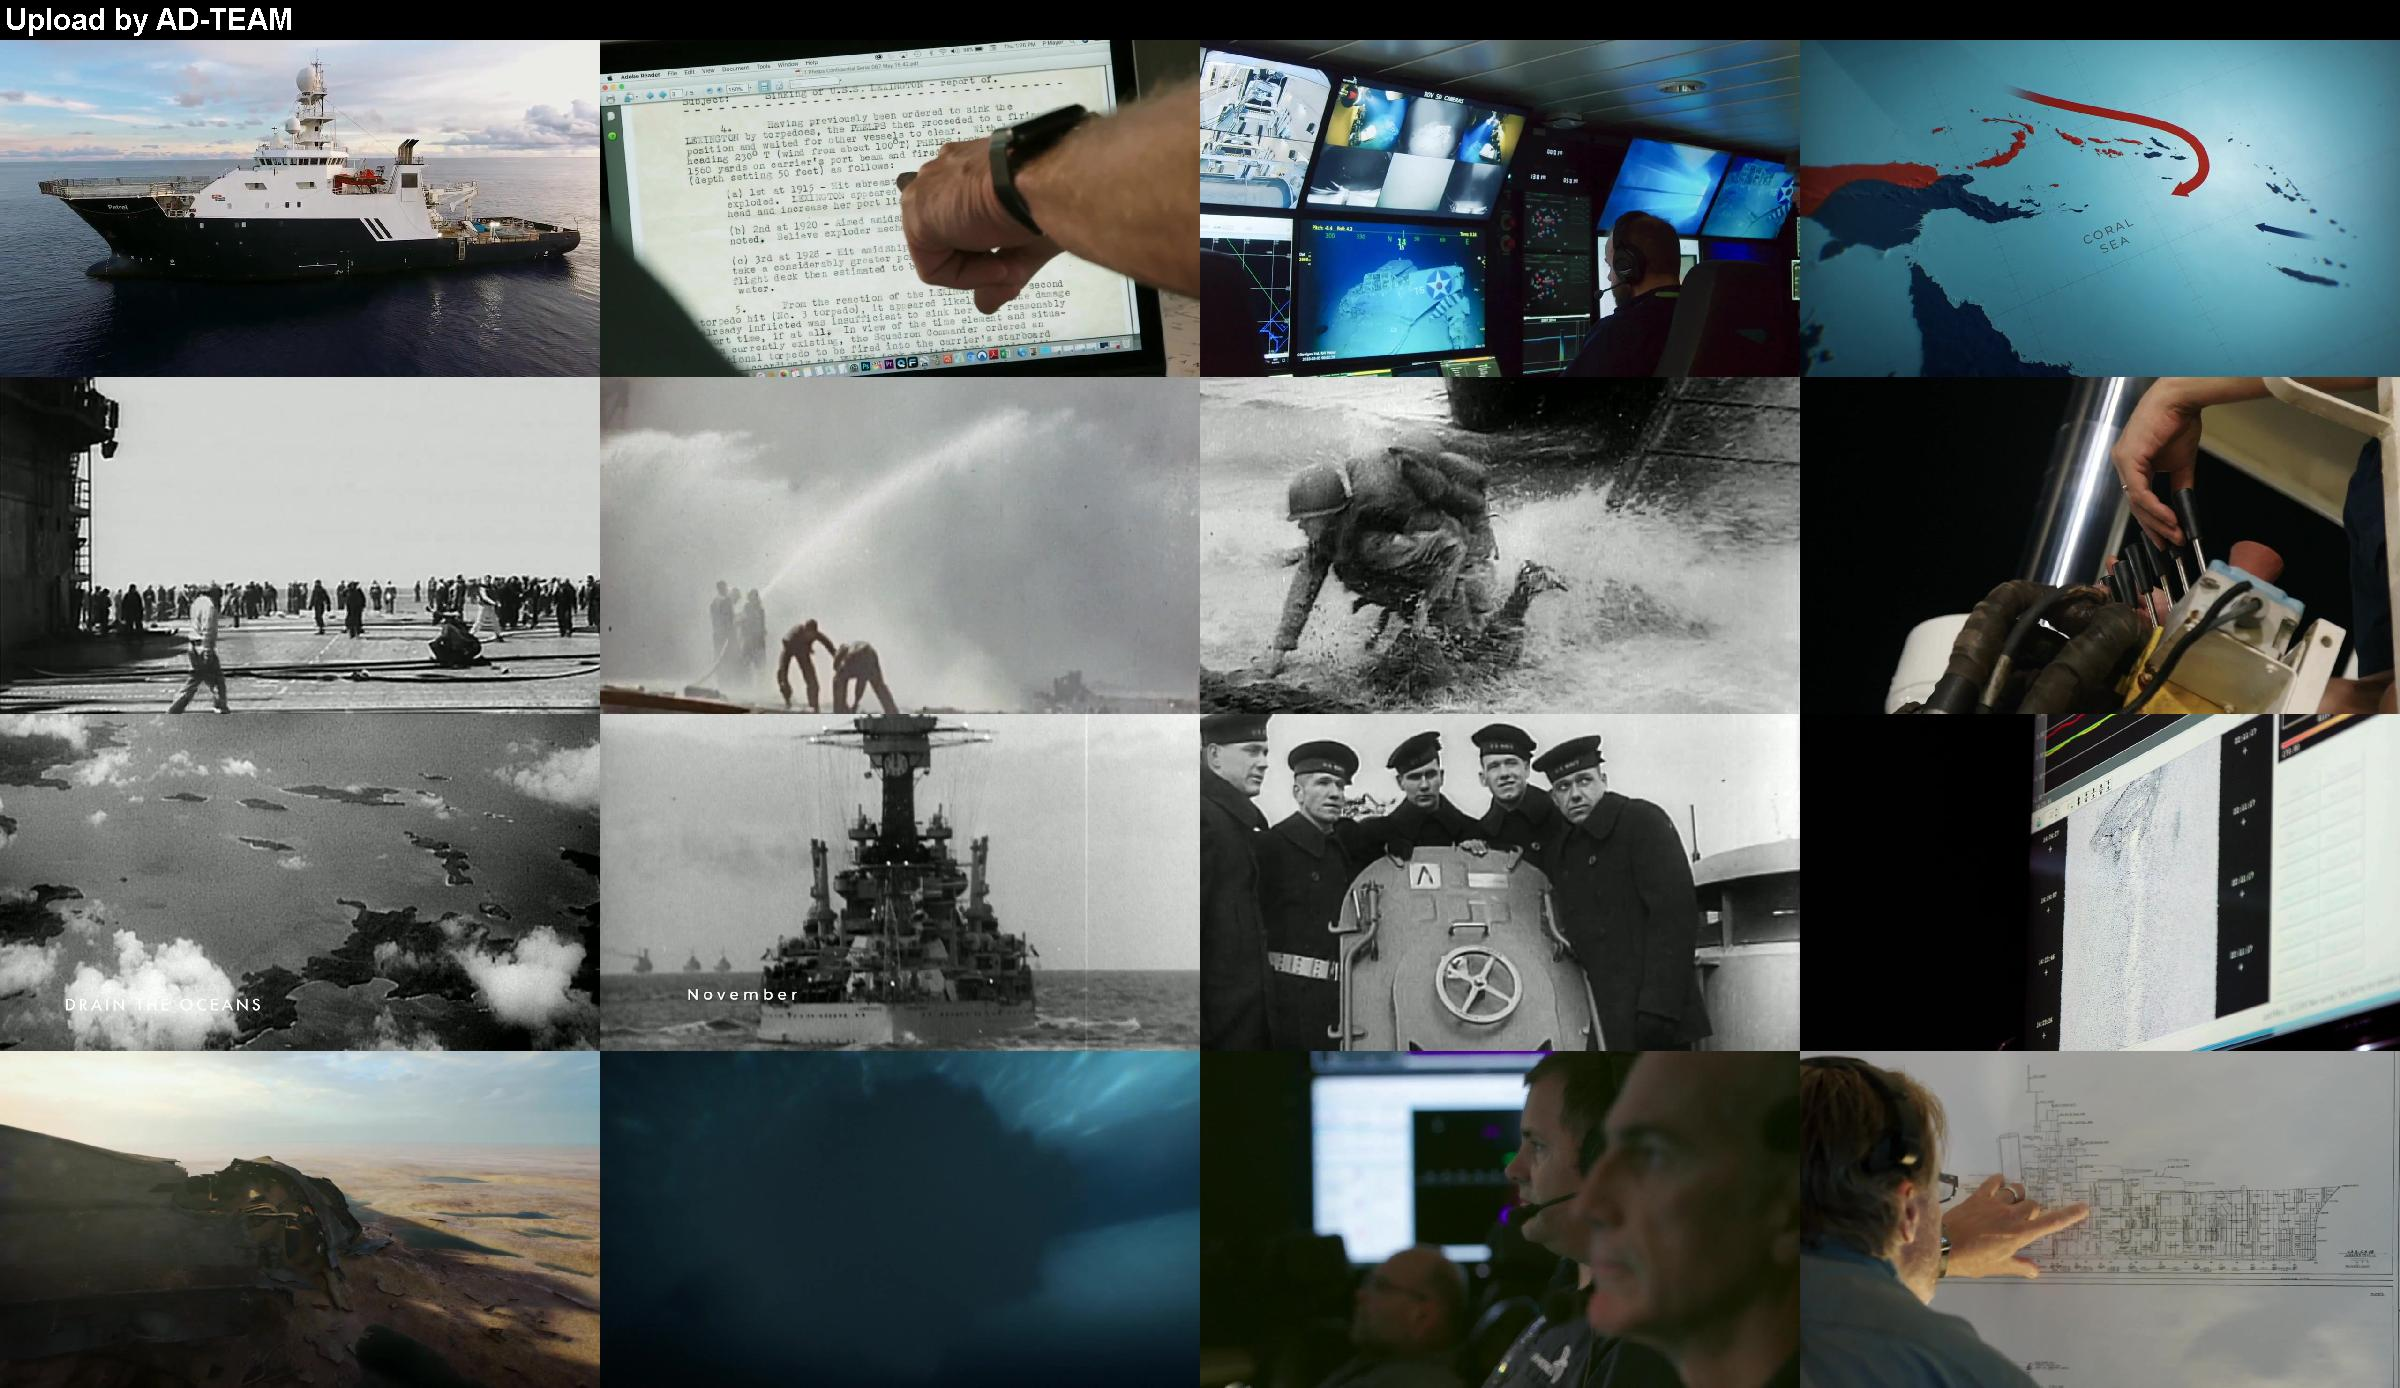 Drain The Oceans S02e08 Pacific War Megawrecks 720p Webrip X264-caffeine